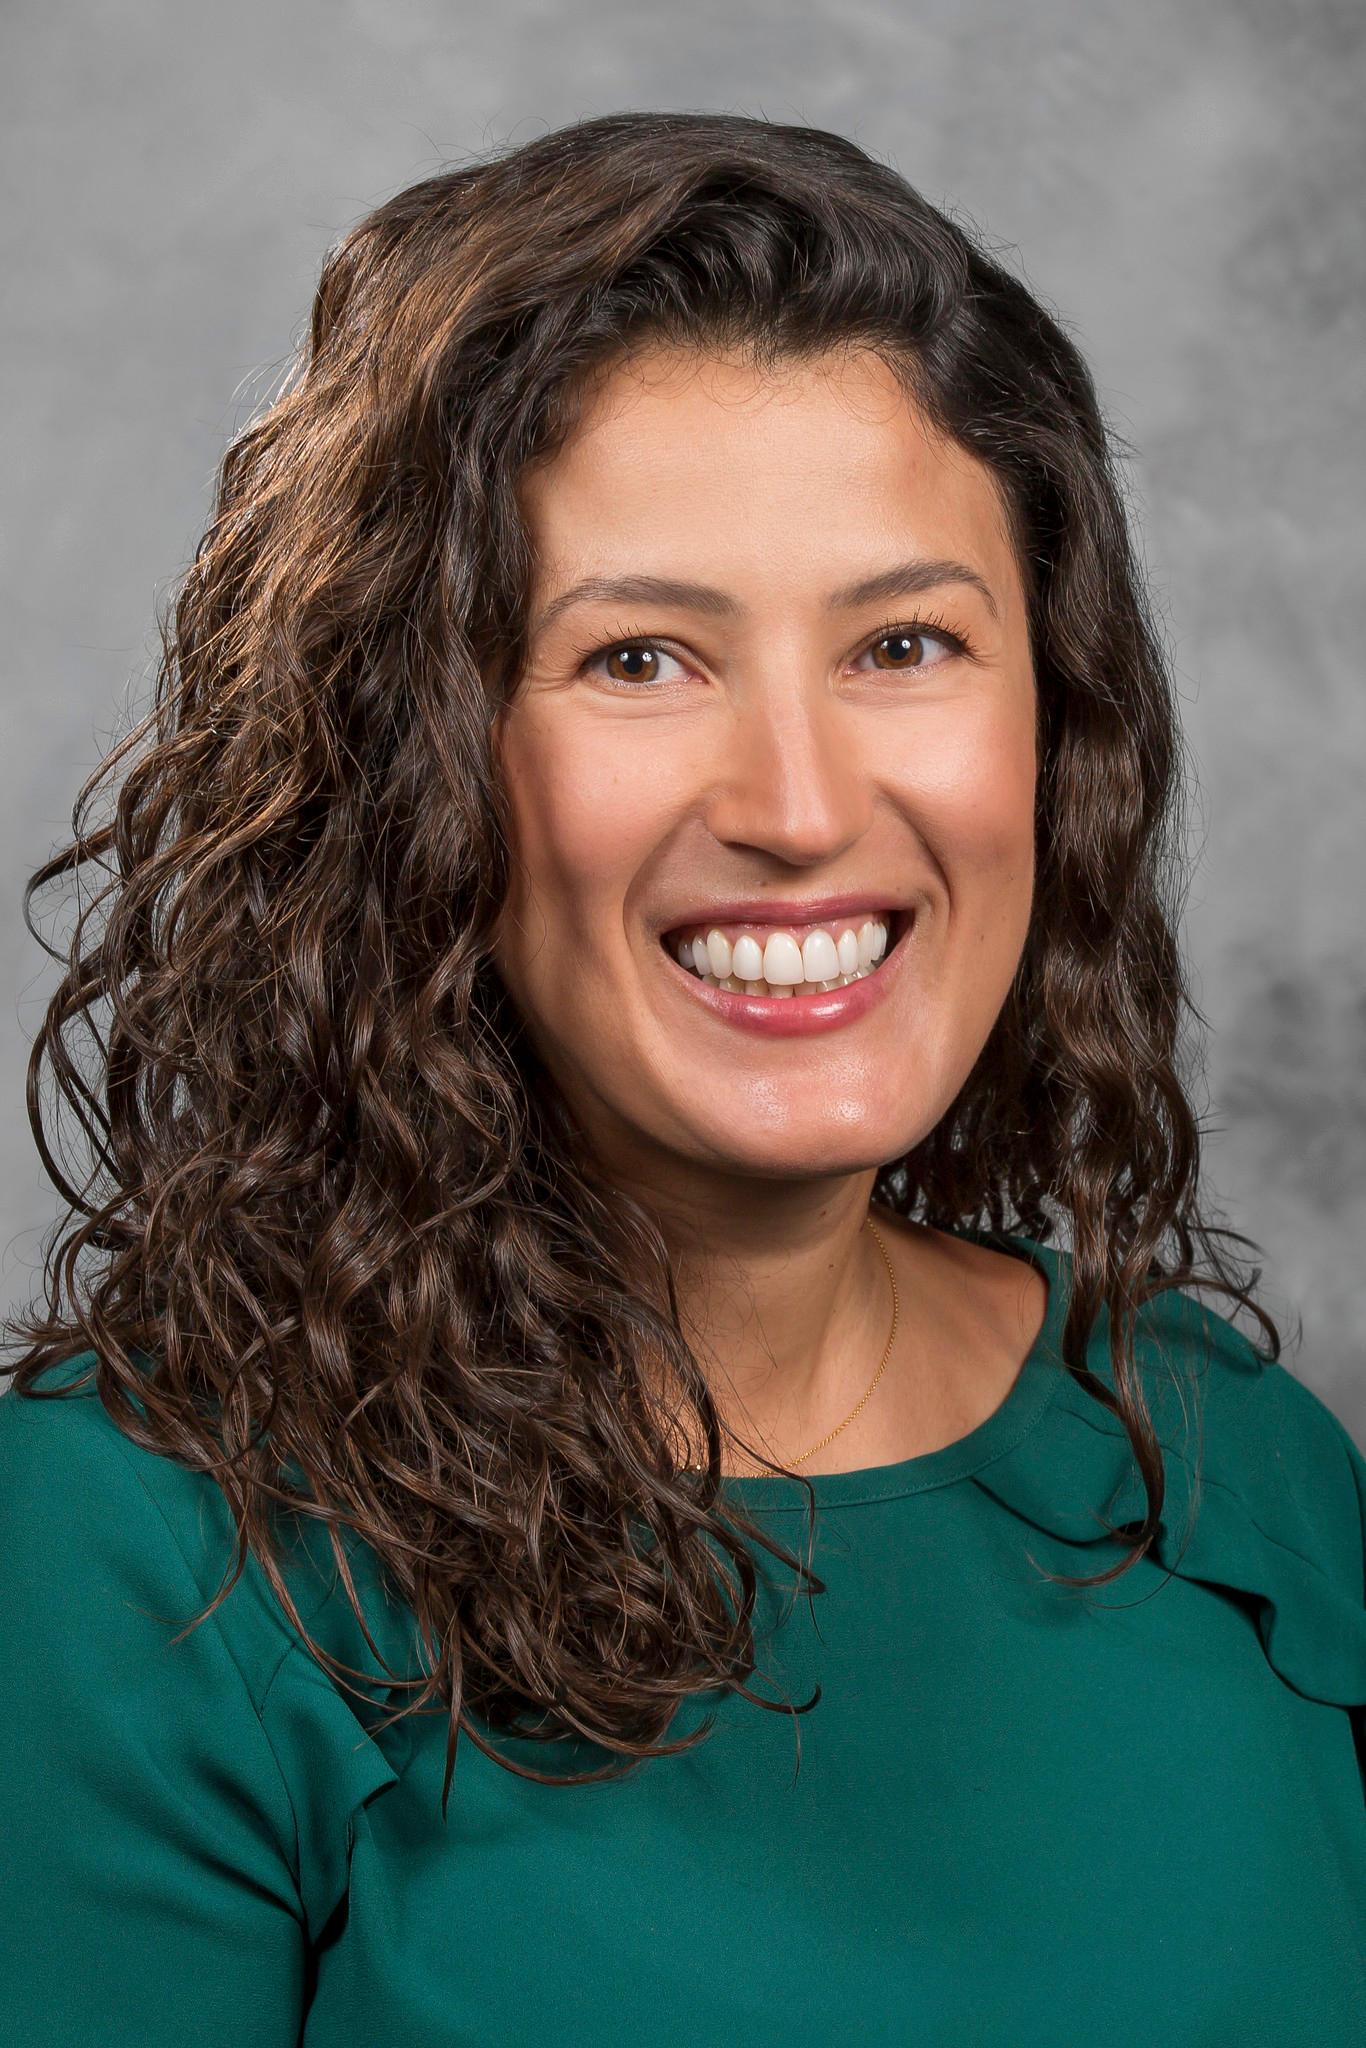 Claudette Gonzalez